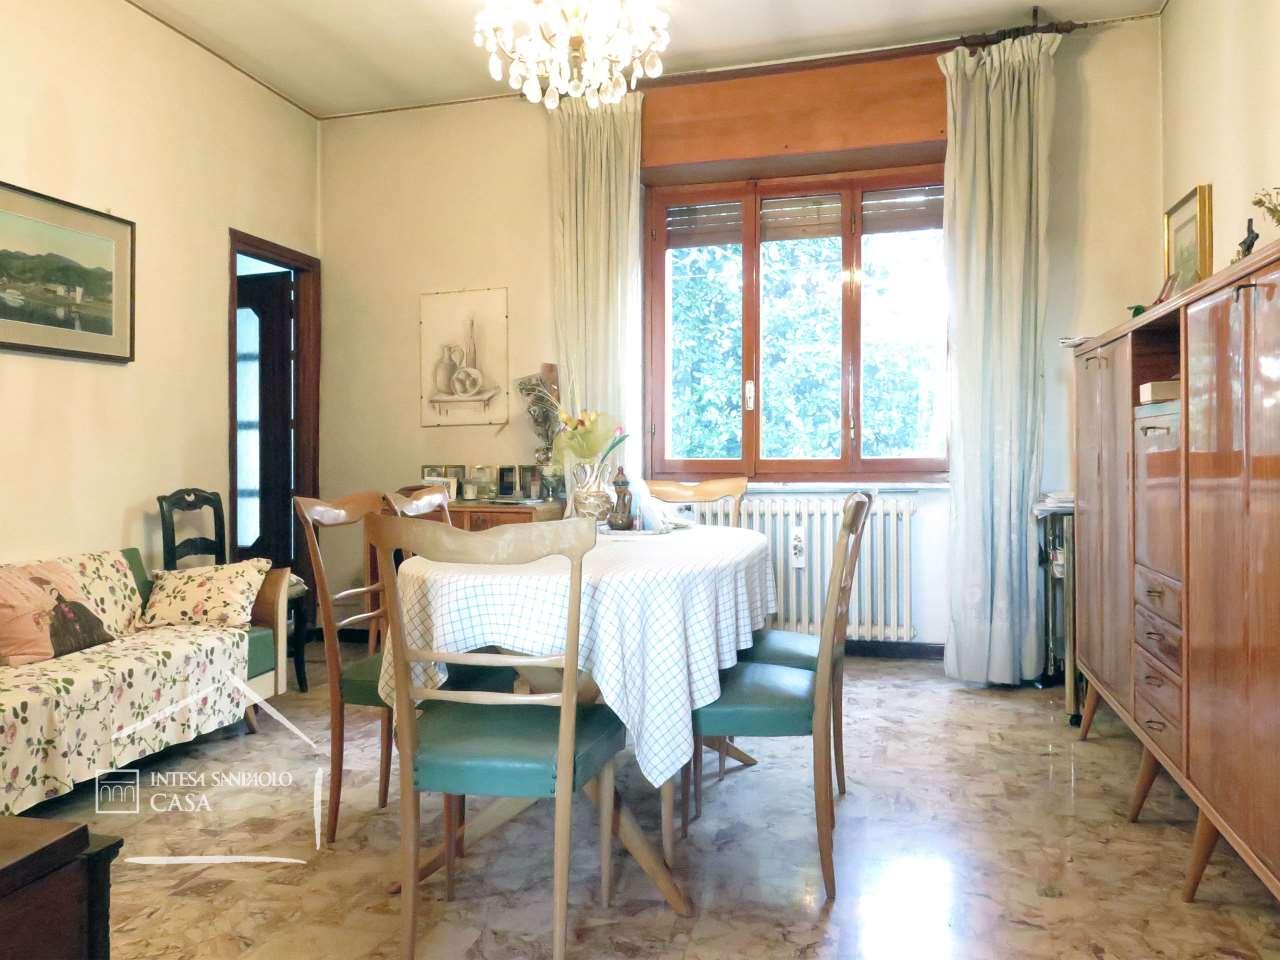 Casa indipendente in Vendita a Veduggio Con Colzano: 5 locali, 208 mq - Foto 2